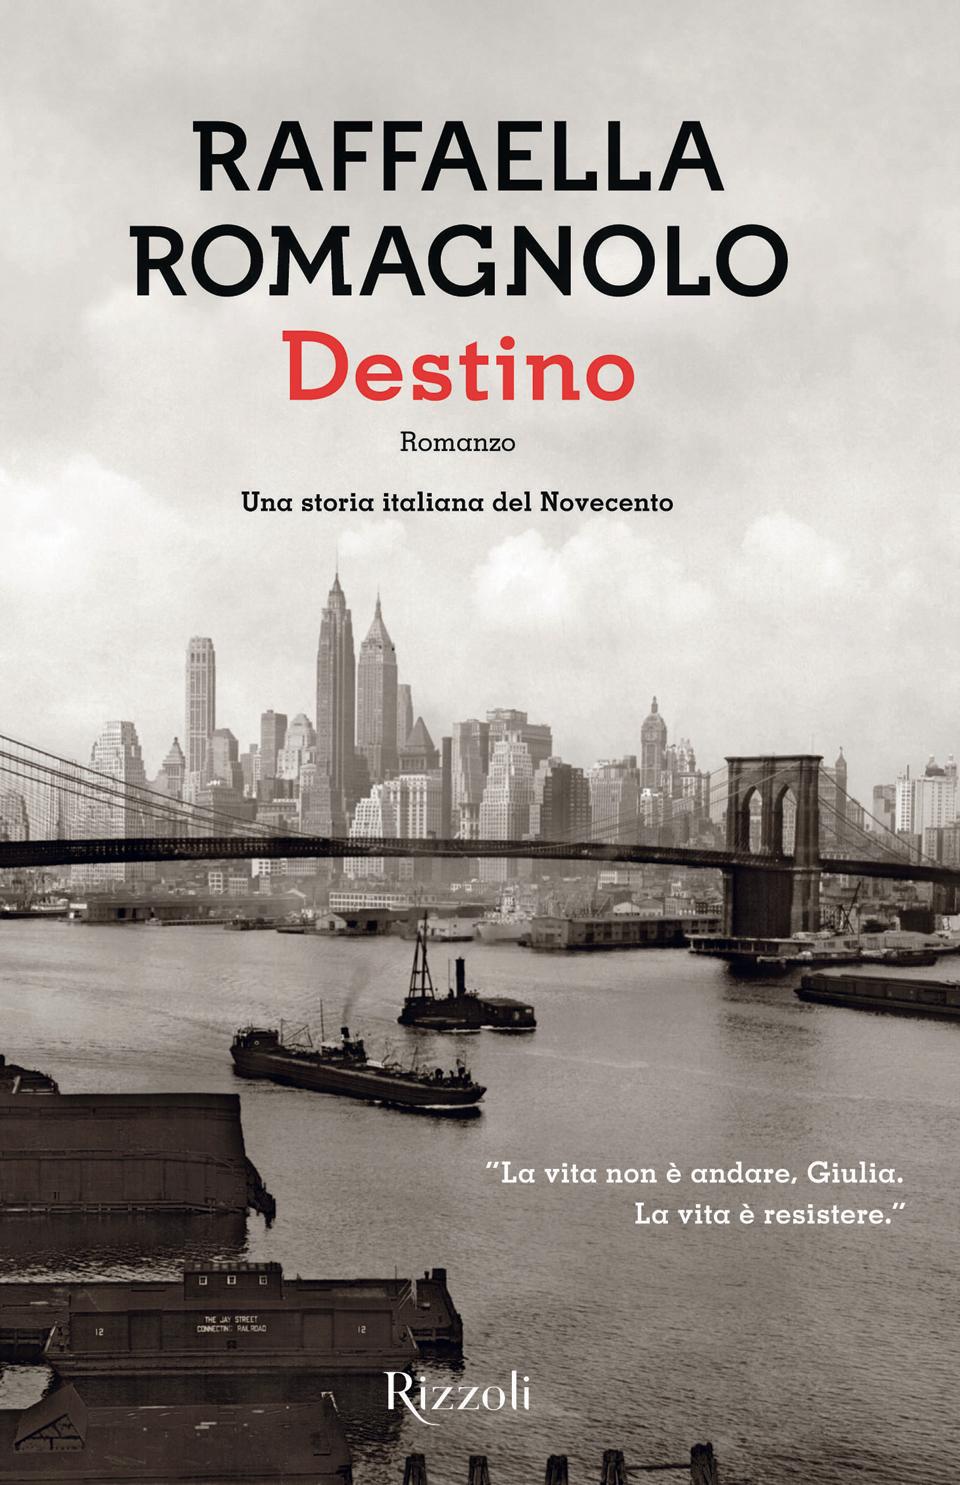 Raffaella Romagnolo